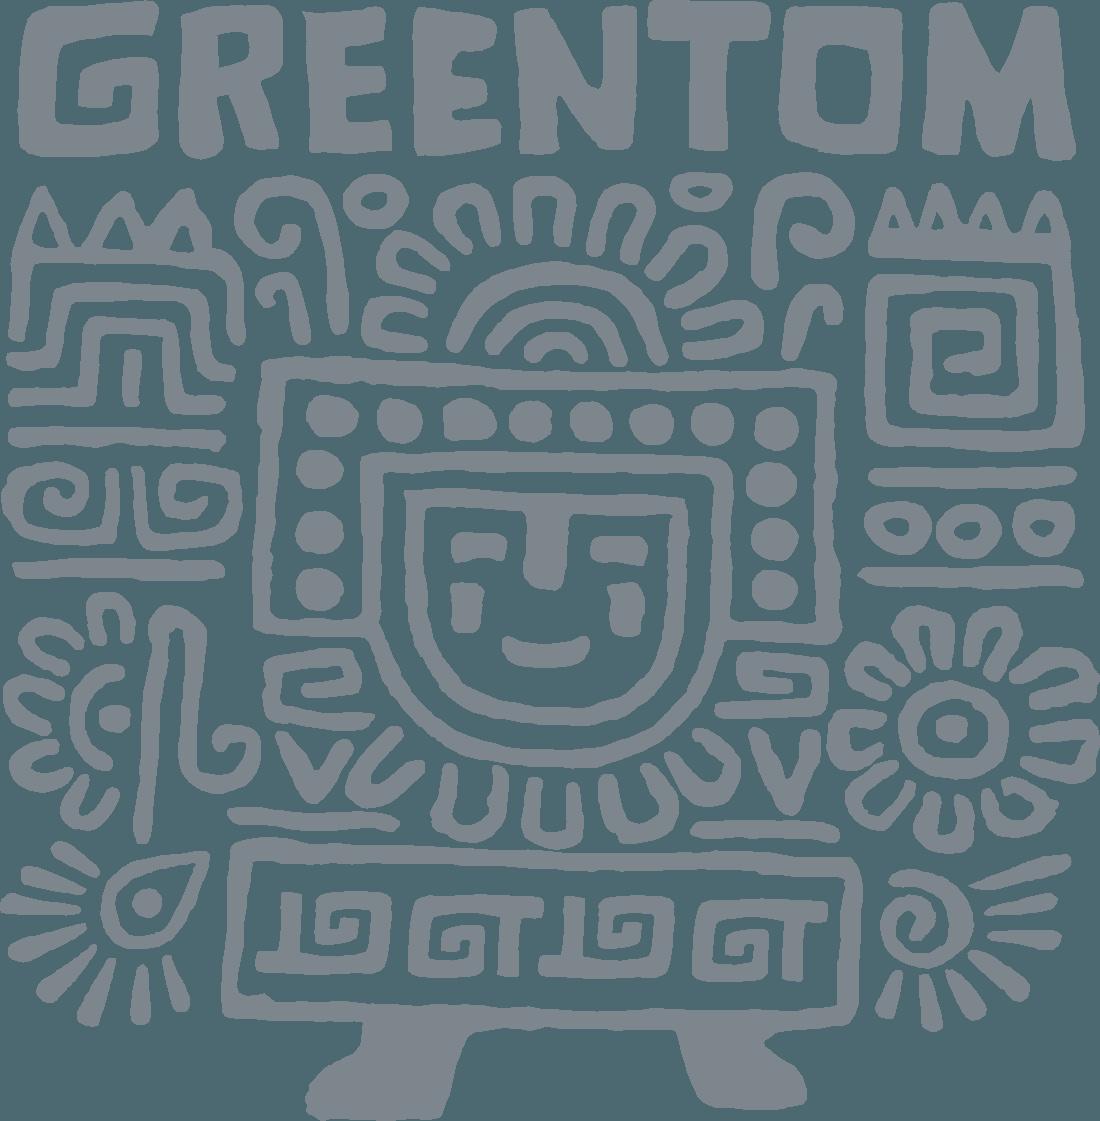 greentom_logo.png